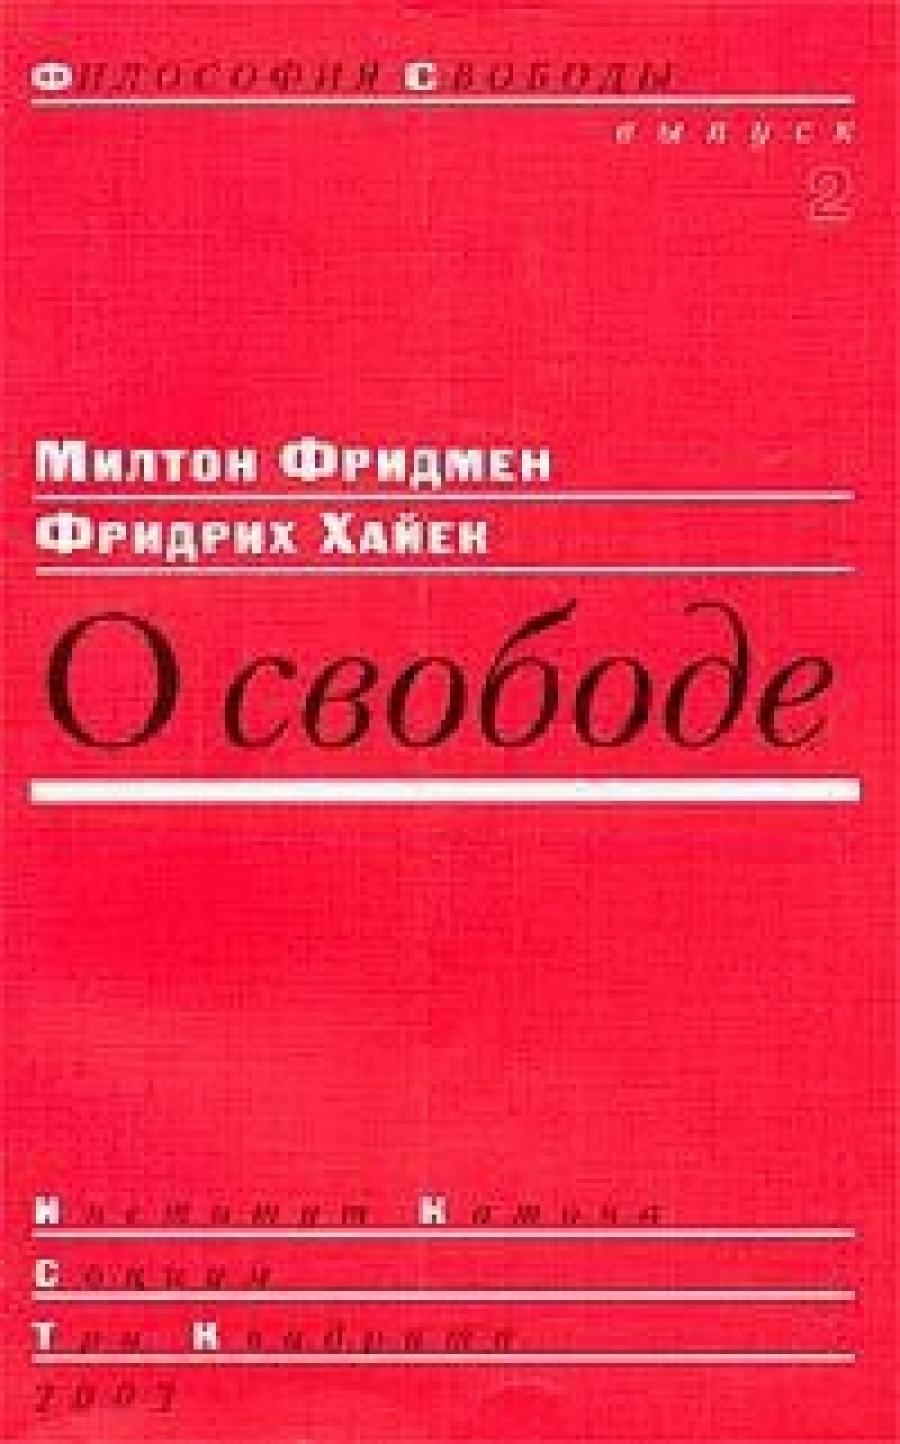 Обложка книги:  милтон фридман, фридрих хайек - о свободе